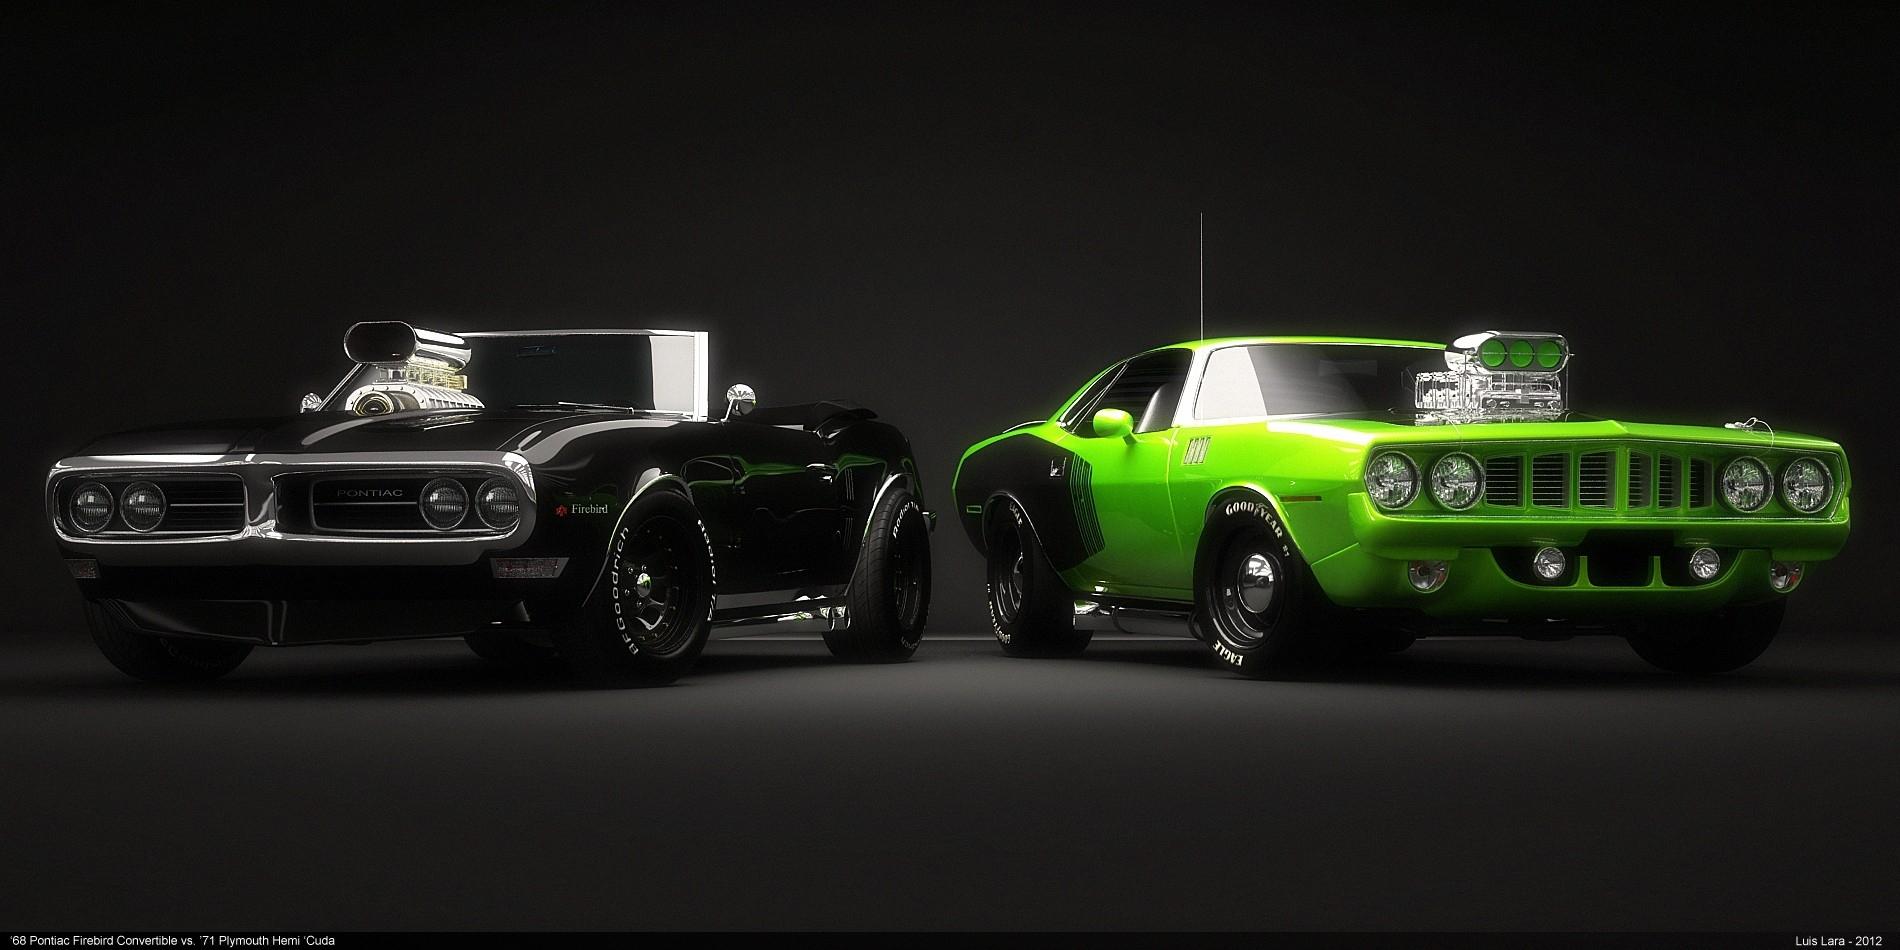 11 Muscle Car Fonds dcran HD Arrire plans 1900x950